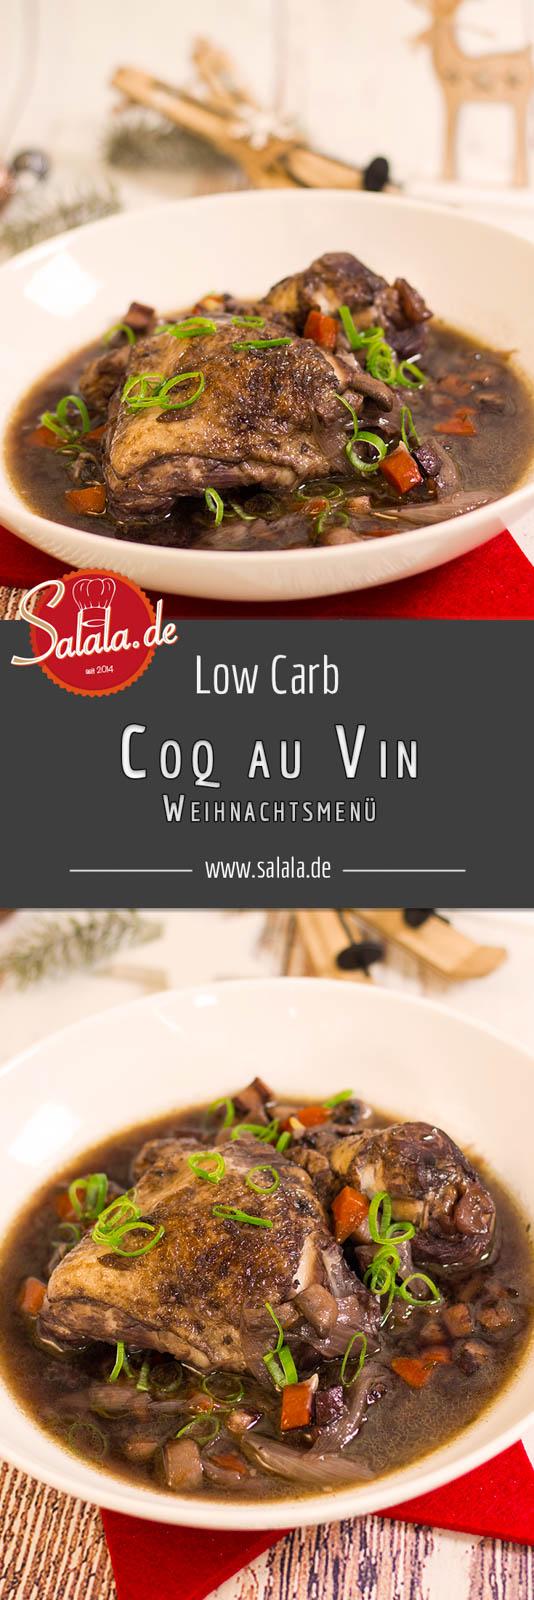 Coq au vin low carb - by salala.de - Huhn in Weinsauce ohne Mehl, glutenfrei, französische Küche, Weihnachtsmenü, Champignons, Speck